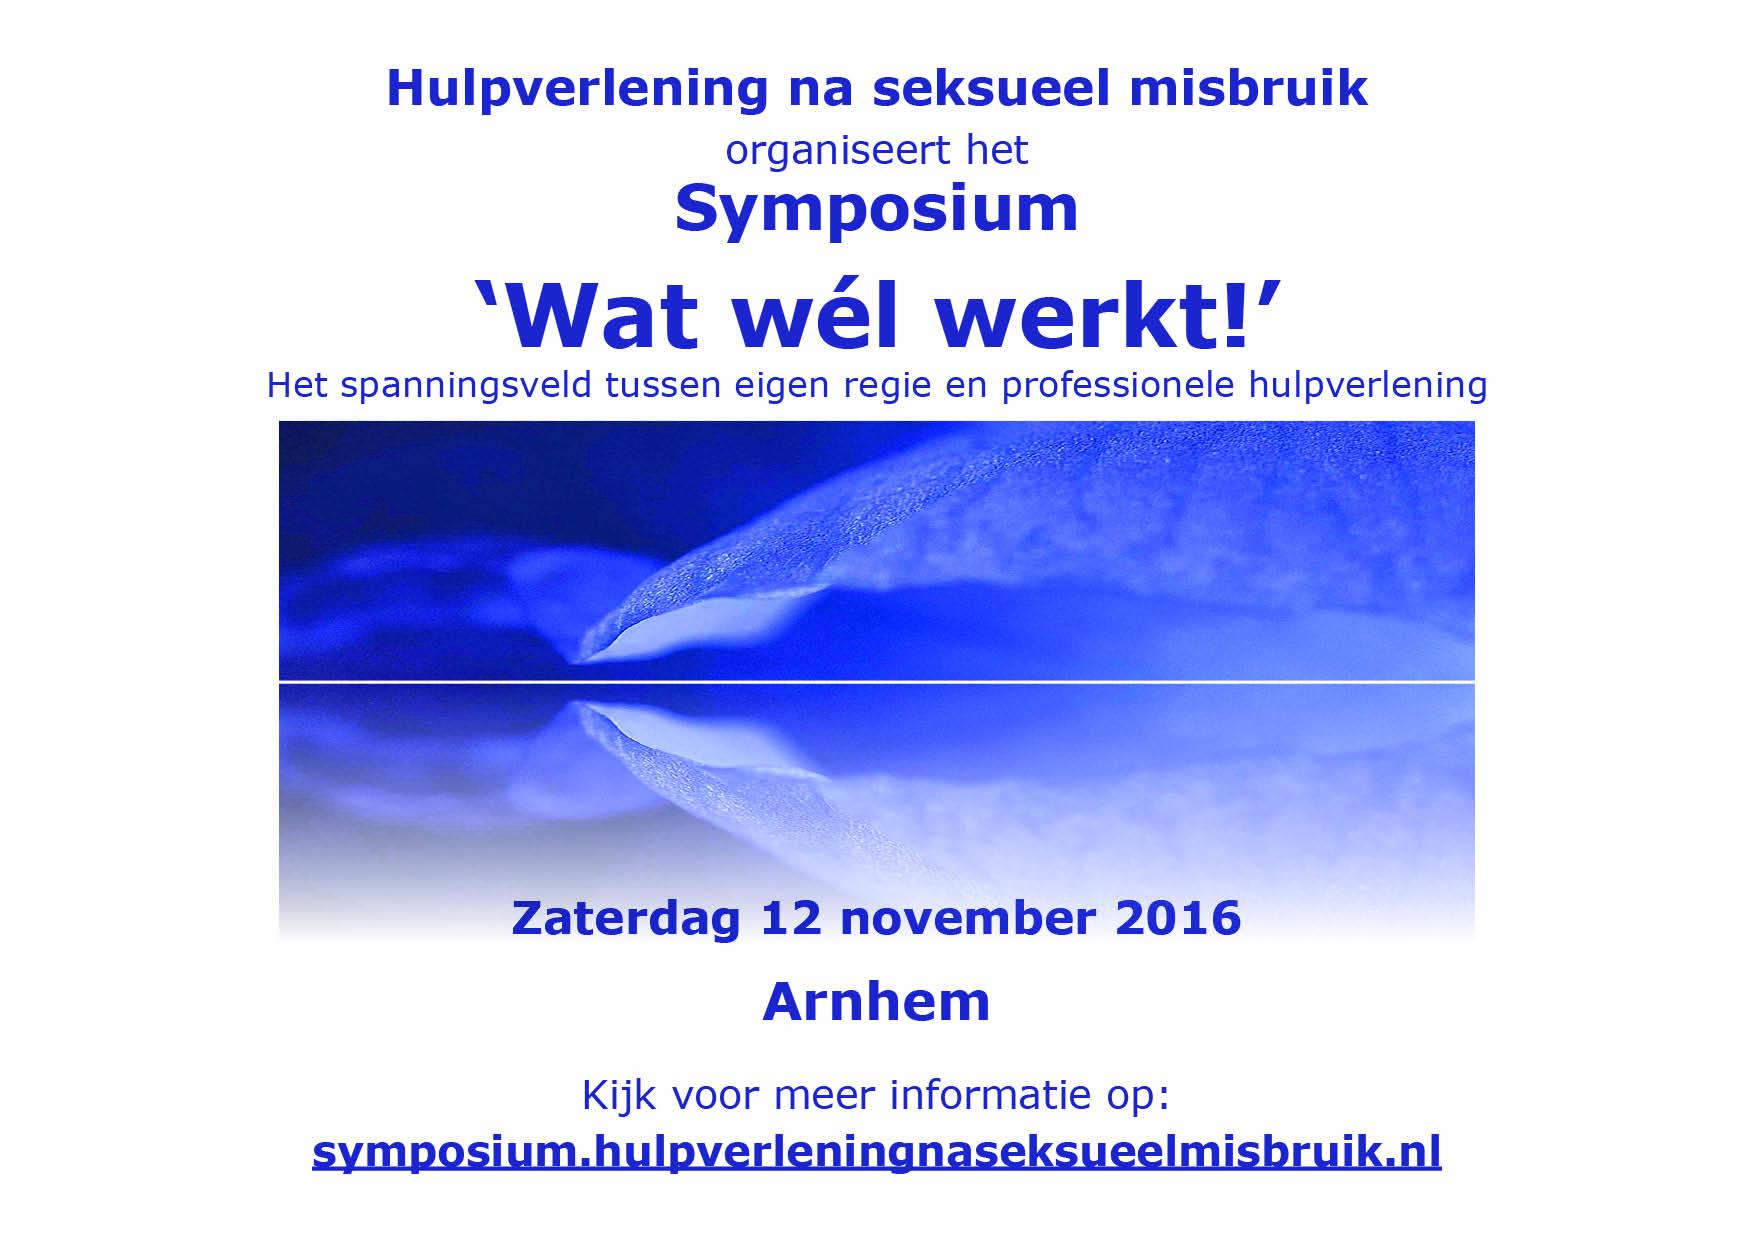 symposium-hulpverlening-na-seksueel-misbruik-2016